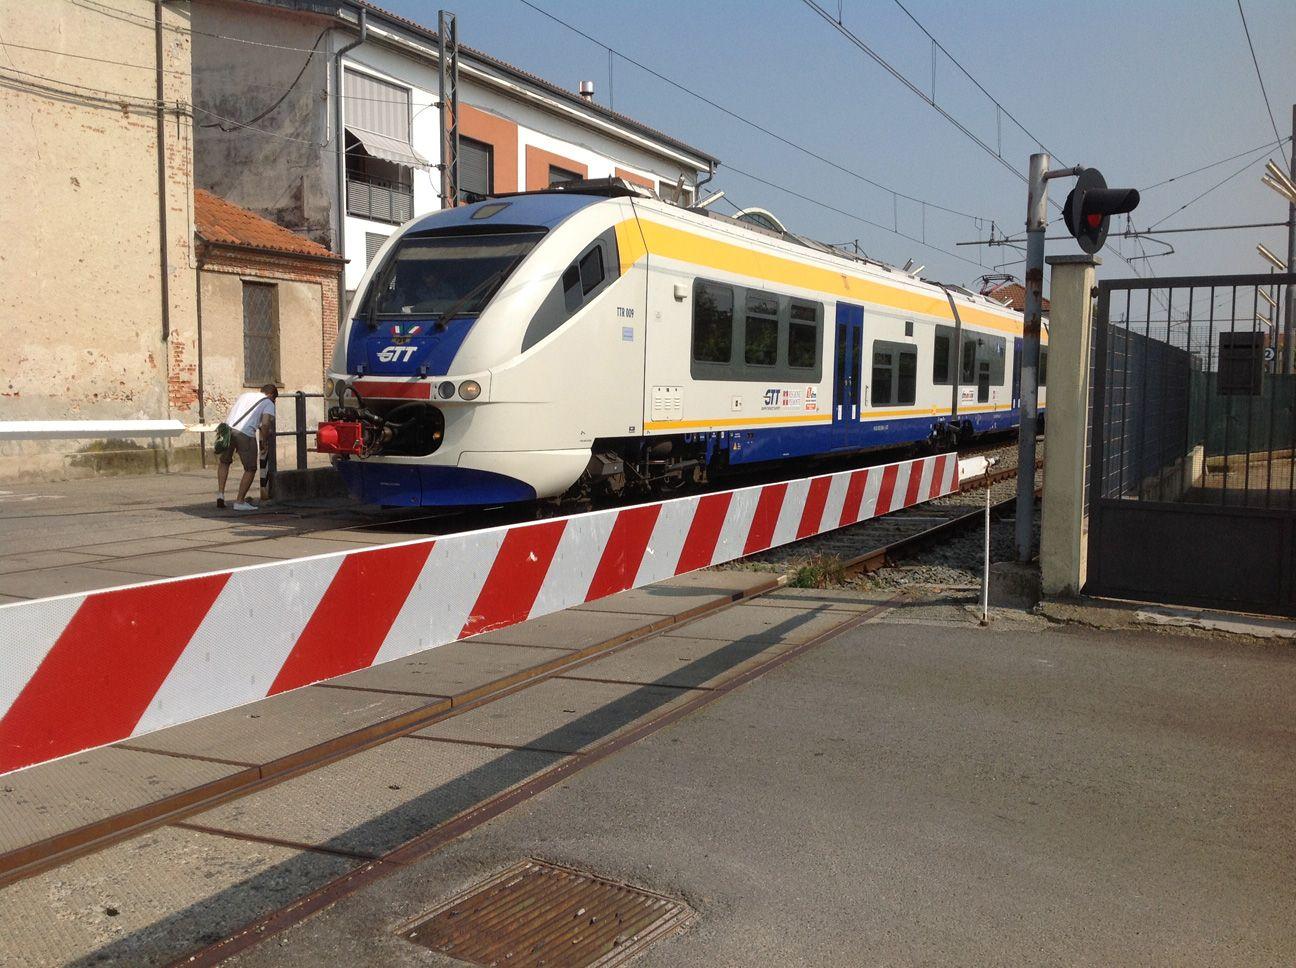 BOSCONERO-FELETTO - Passaggi a livello guasti: treni Gtt in ritardo